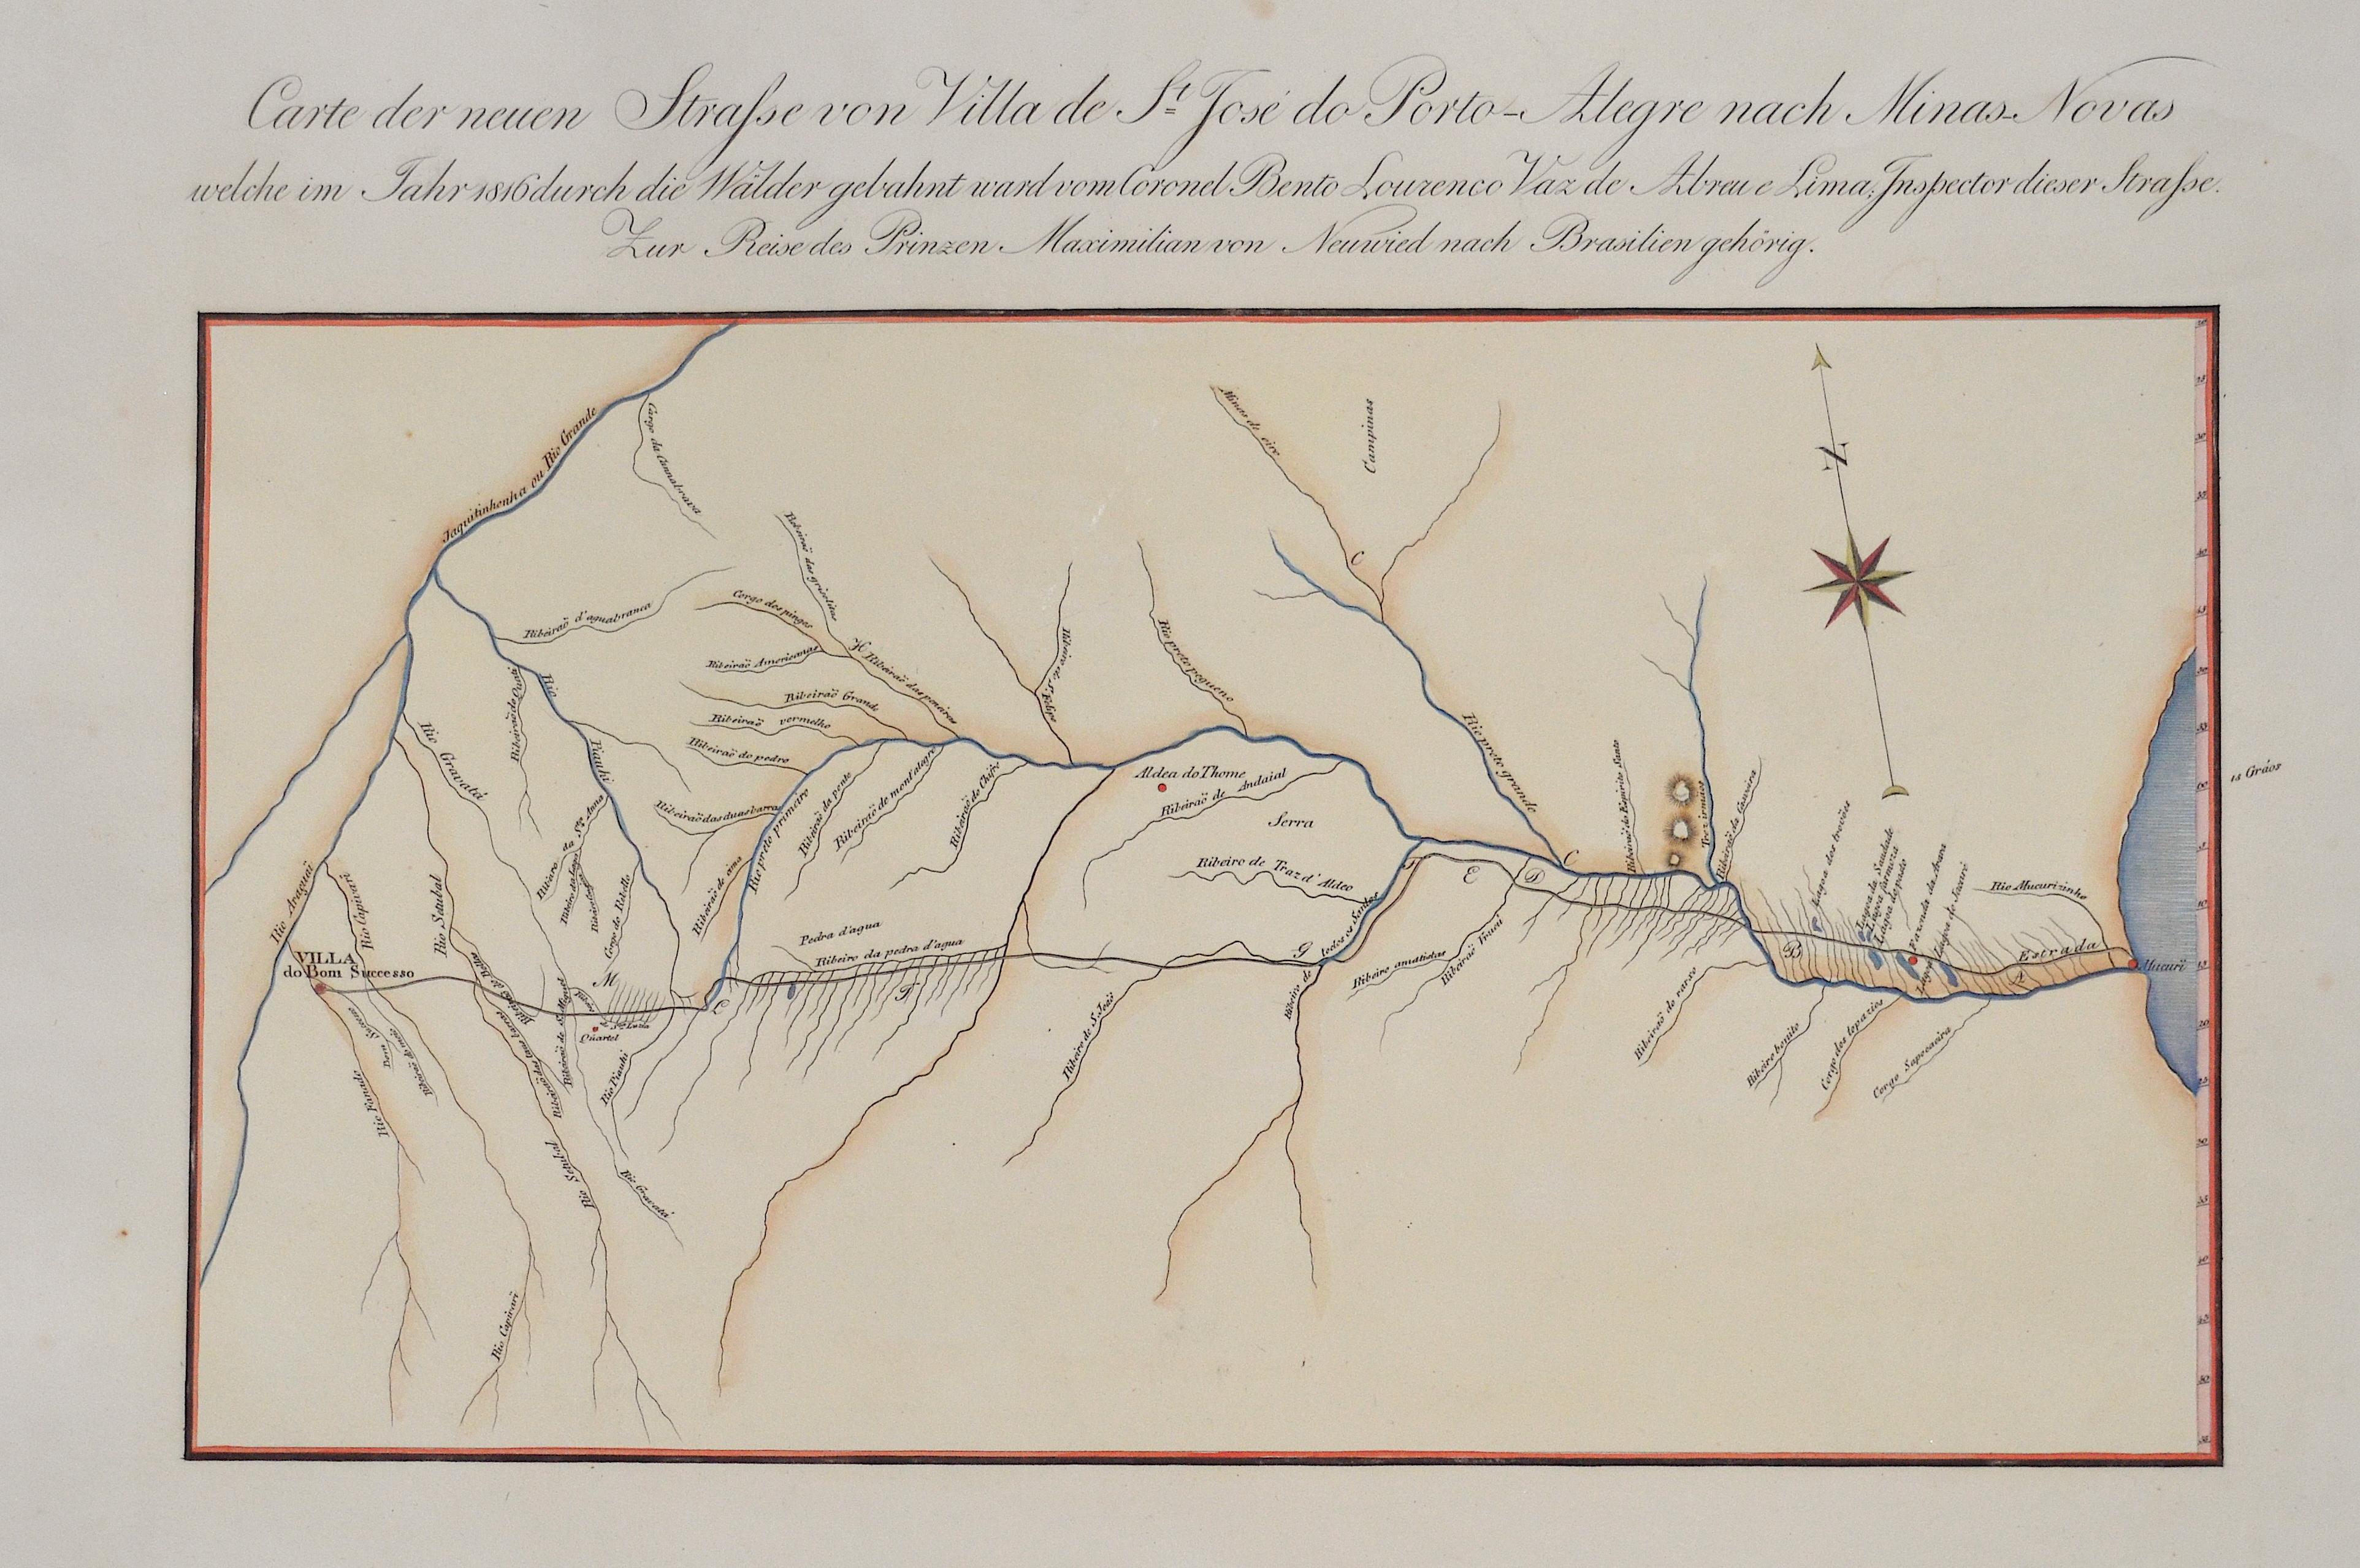 Wied-Neuwied Maximilian, Carte der neuen Strasse von Villa de St. José do Porto-Alegre nach Minas Novas welche im Jahr 1816 durch die Wälder gebahnt ward vom Coronel Bento L